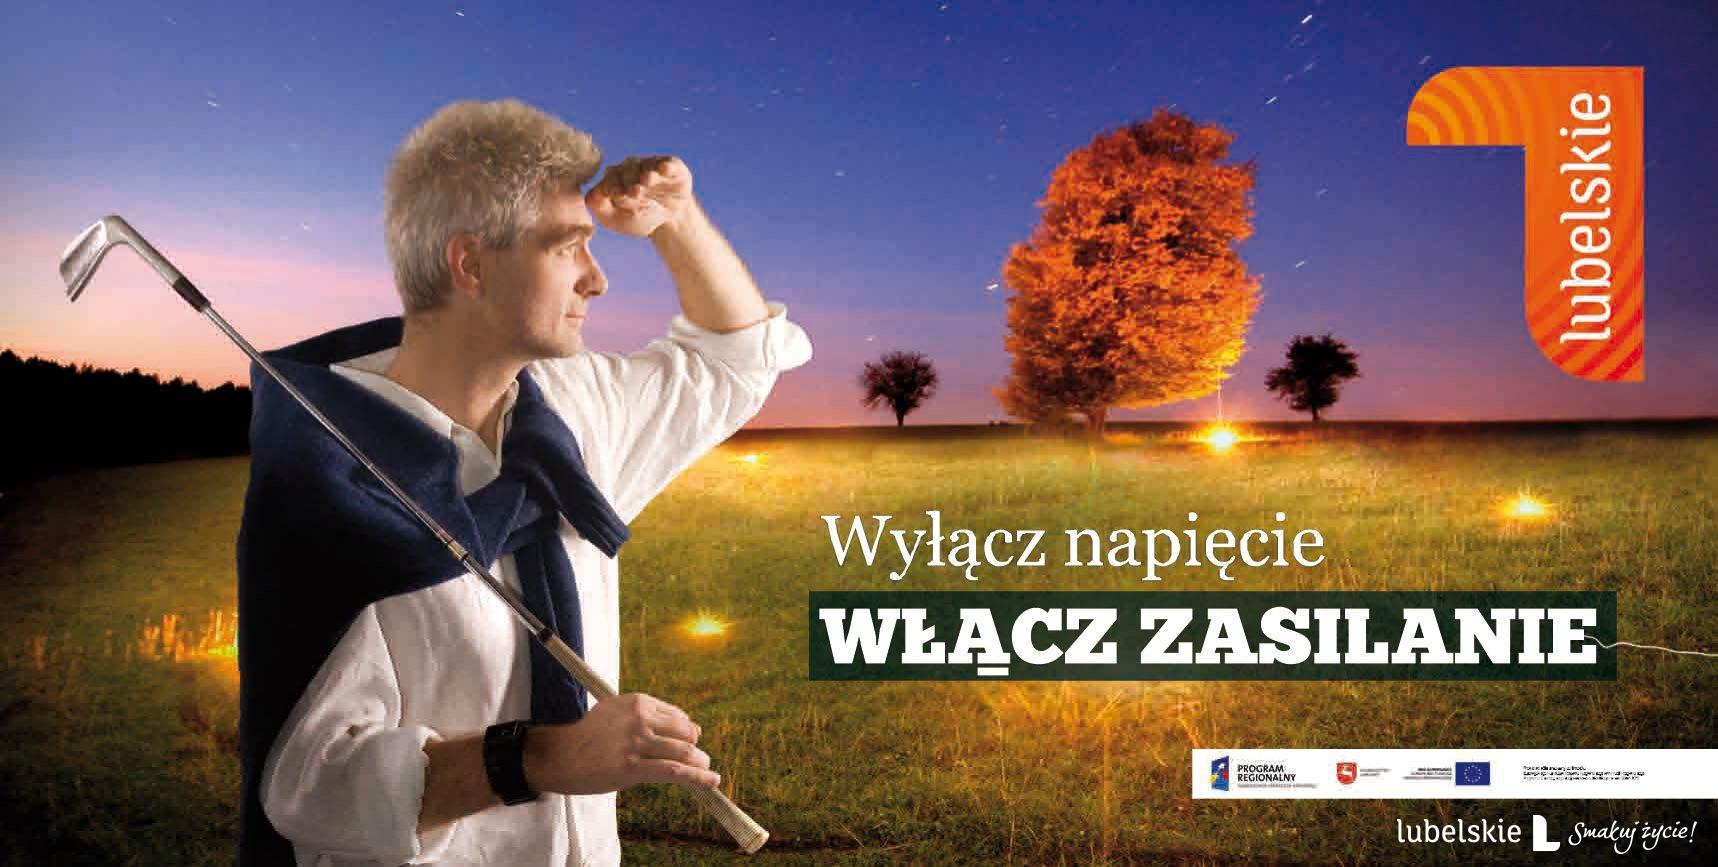 Lubelskie.-Wyłącz-napięcie-włącz-zasilanie-kampania-2009-2